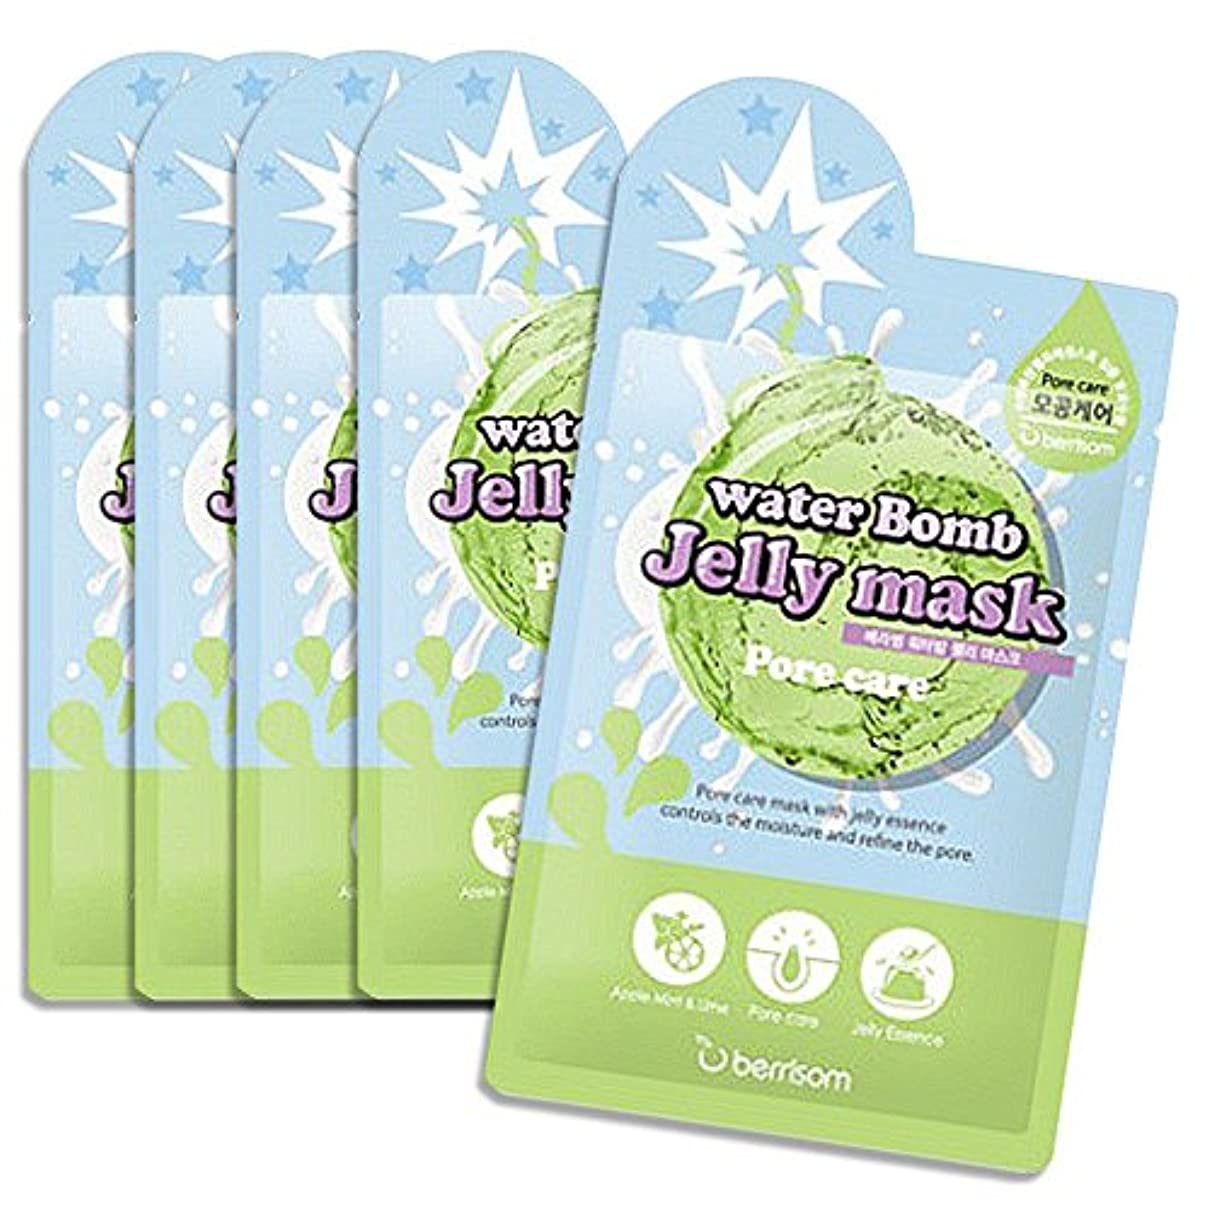 活気づくカリング入場料Berrisom Water Bomb Jelly Mask 33ml*5ea (pore care) [並行輸入品]